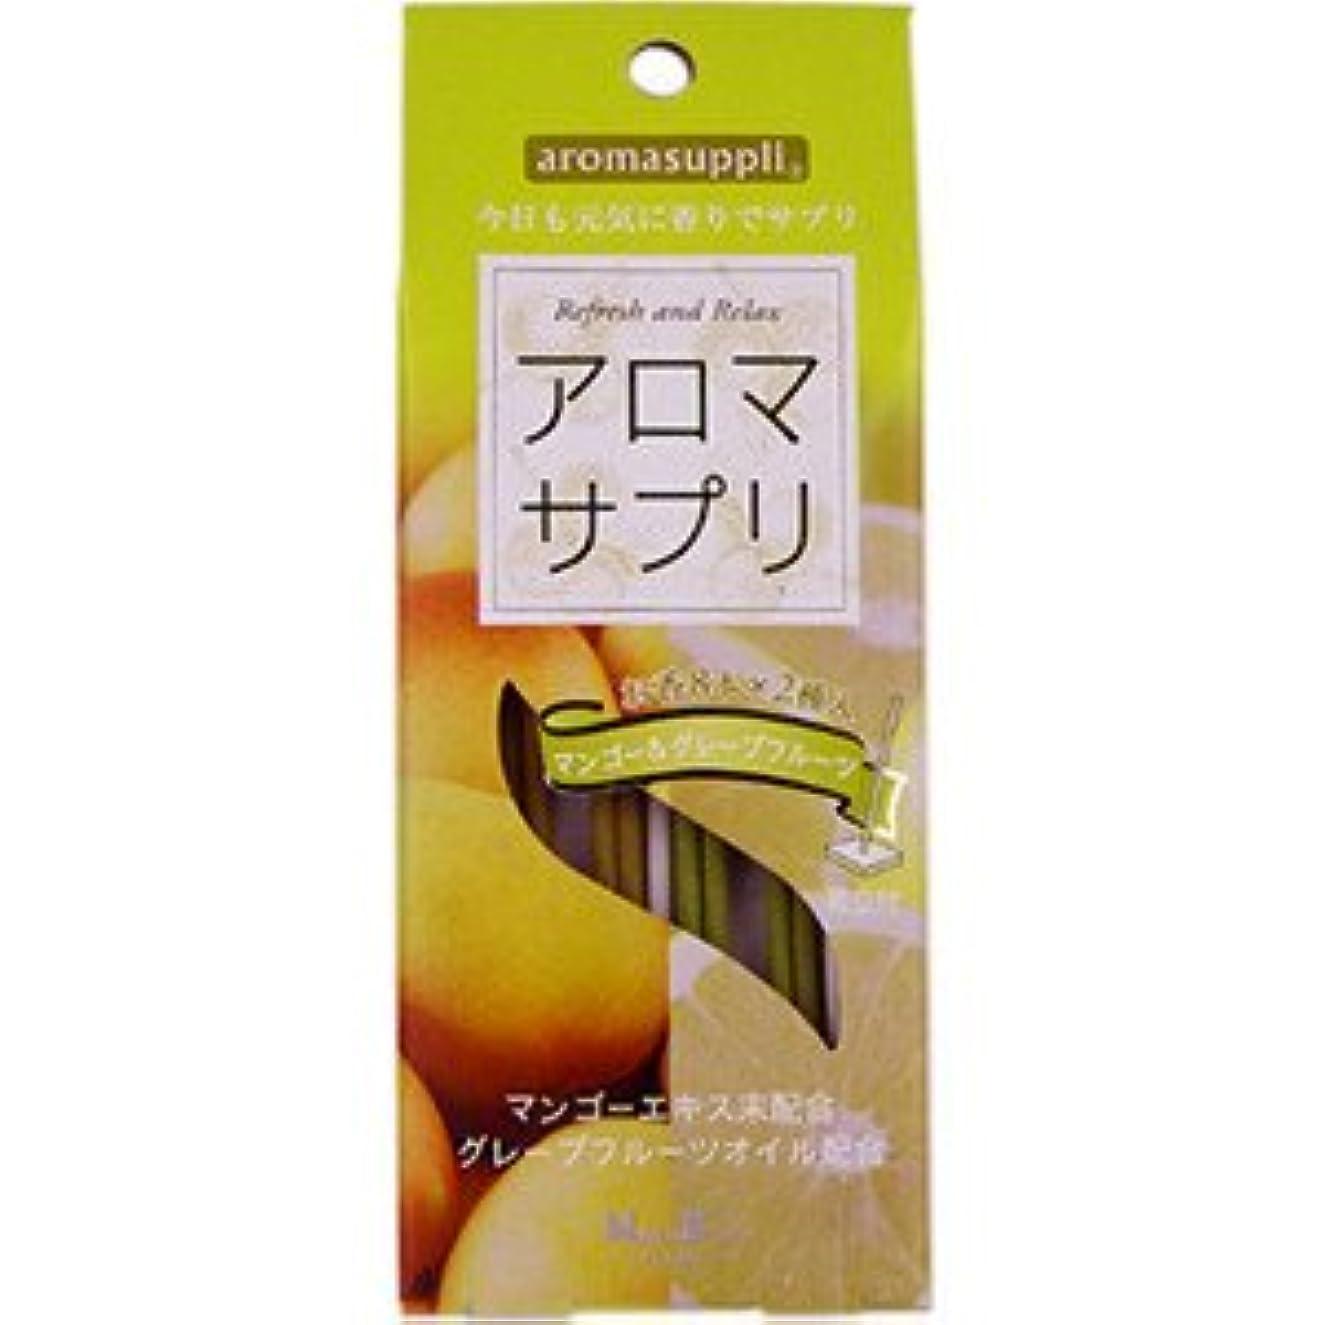 下に忌まわしいシンプルさ日本香堂 アロマサプリ マンゴー&グレープフルーツ